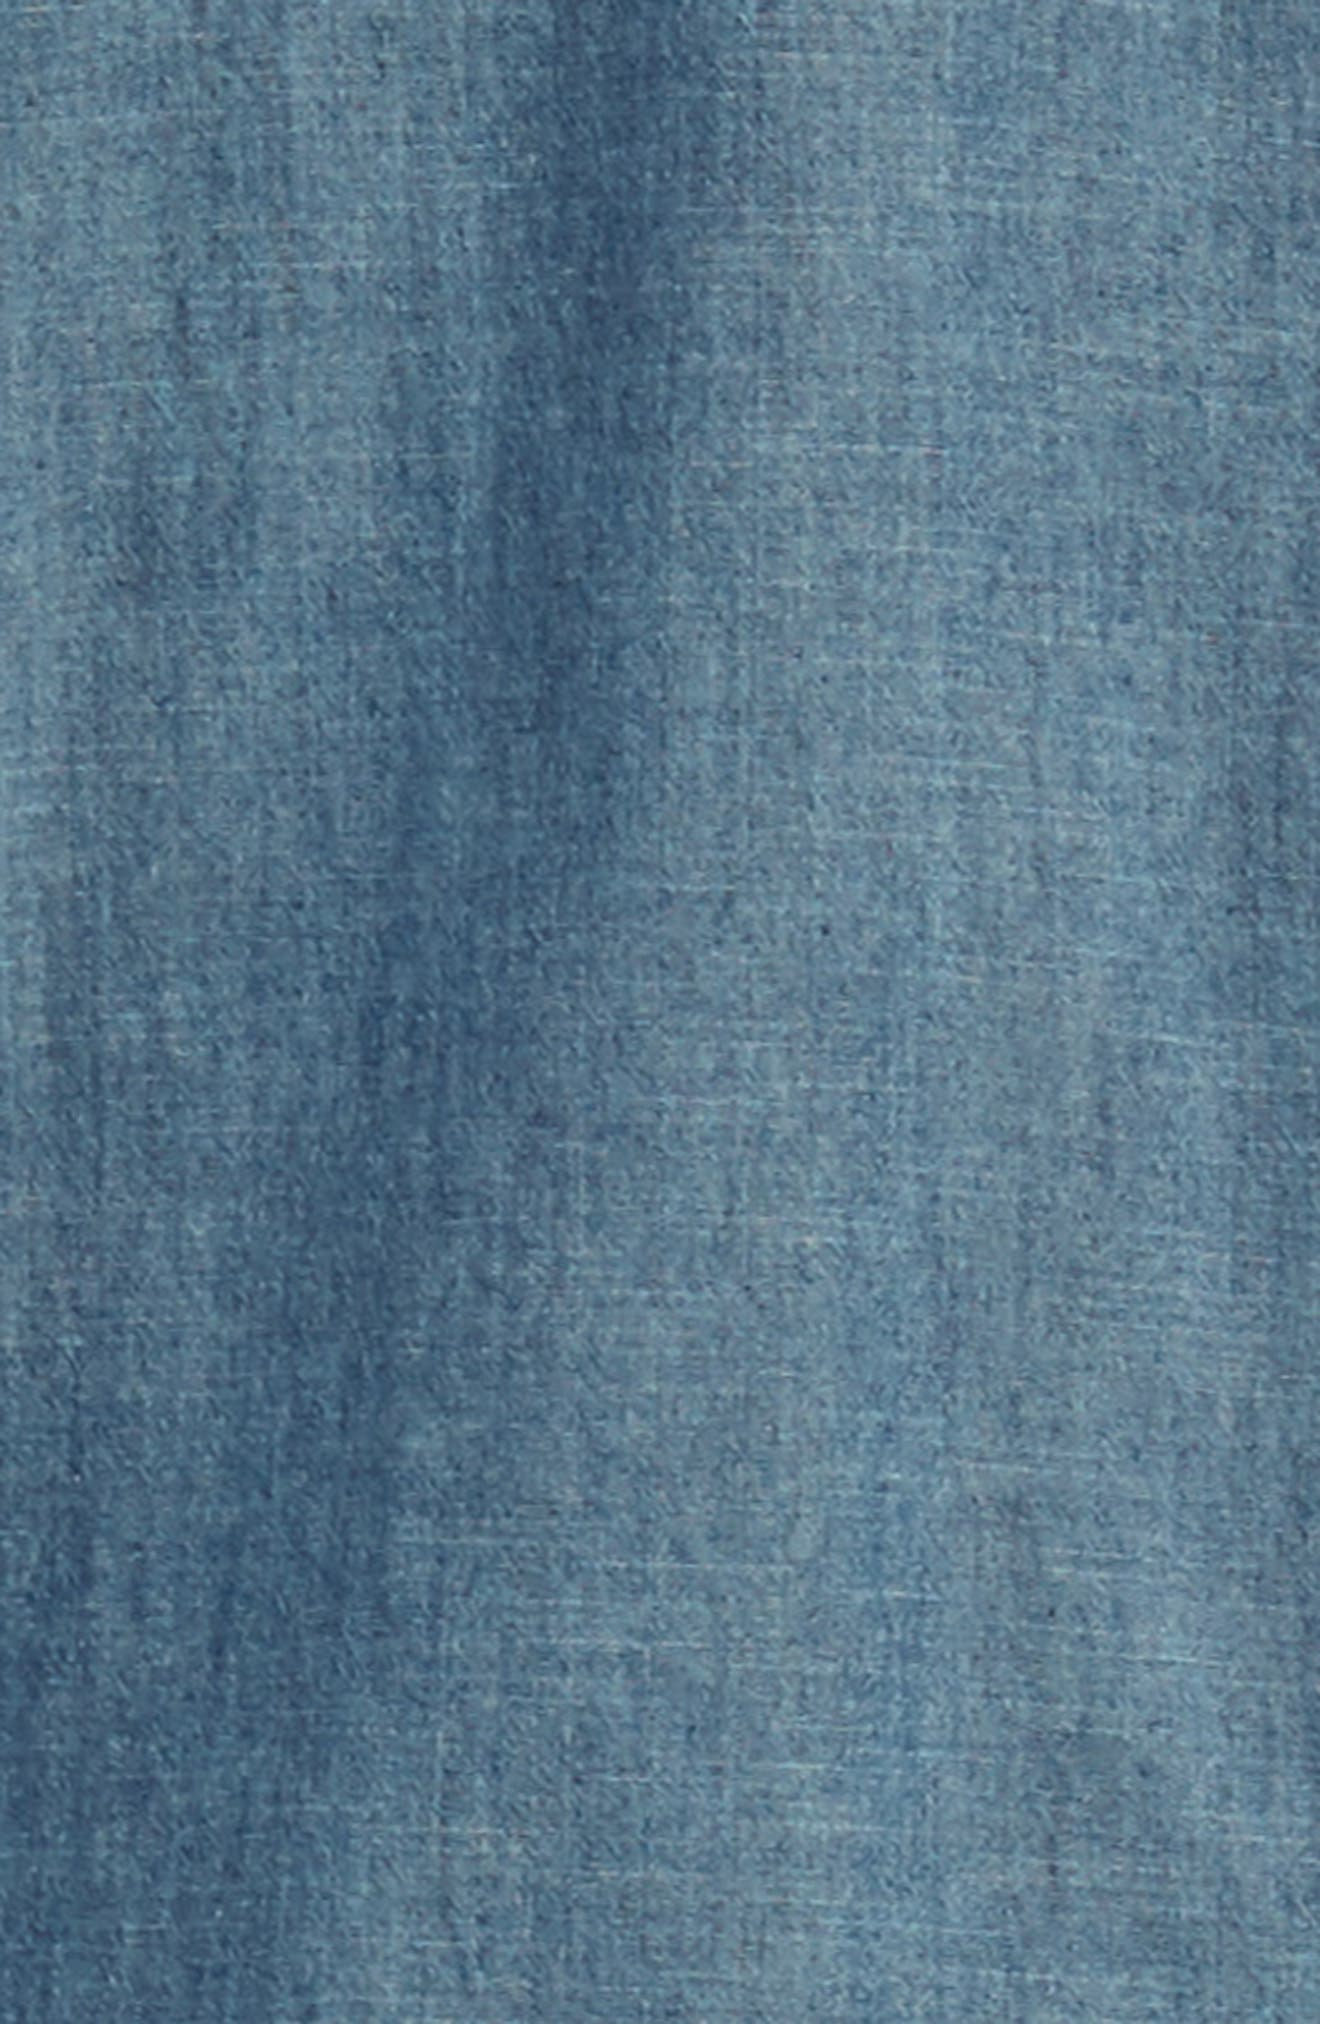 Carlow Chambray Shirt,                             Alternate thumbnail 6, color,                             INDIGO CHAMBRAY